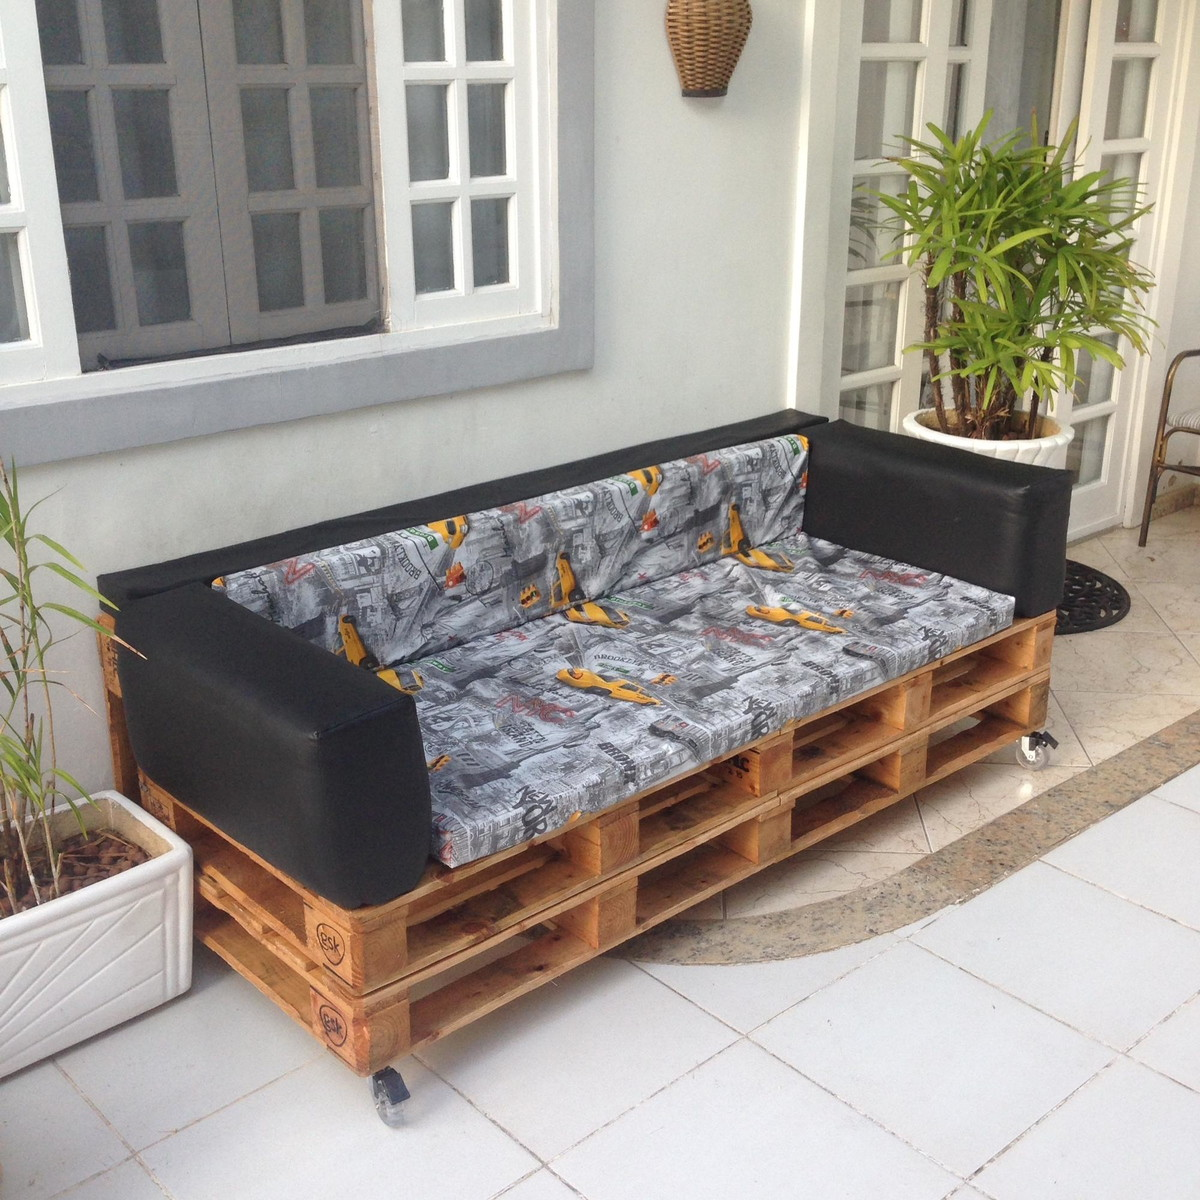 Sofá de pallet com estofado em couro preto